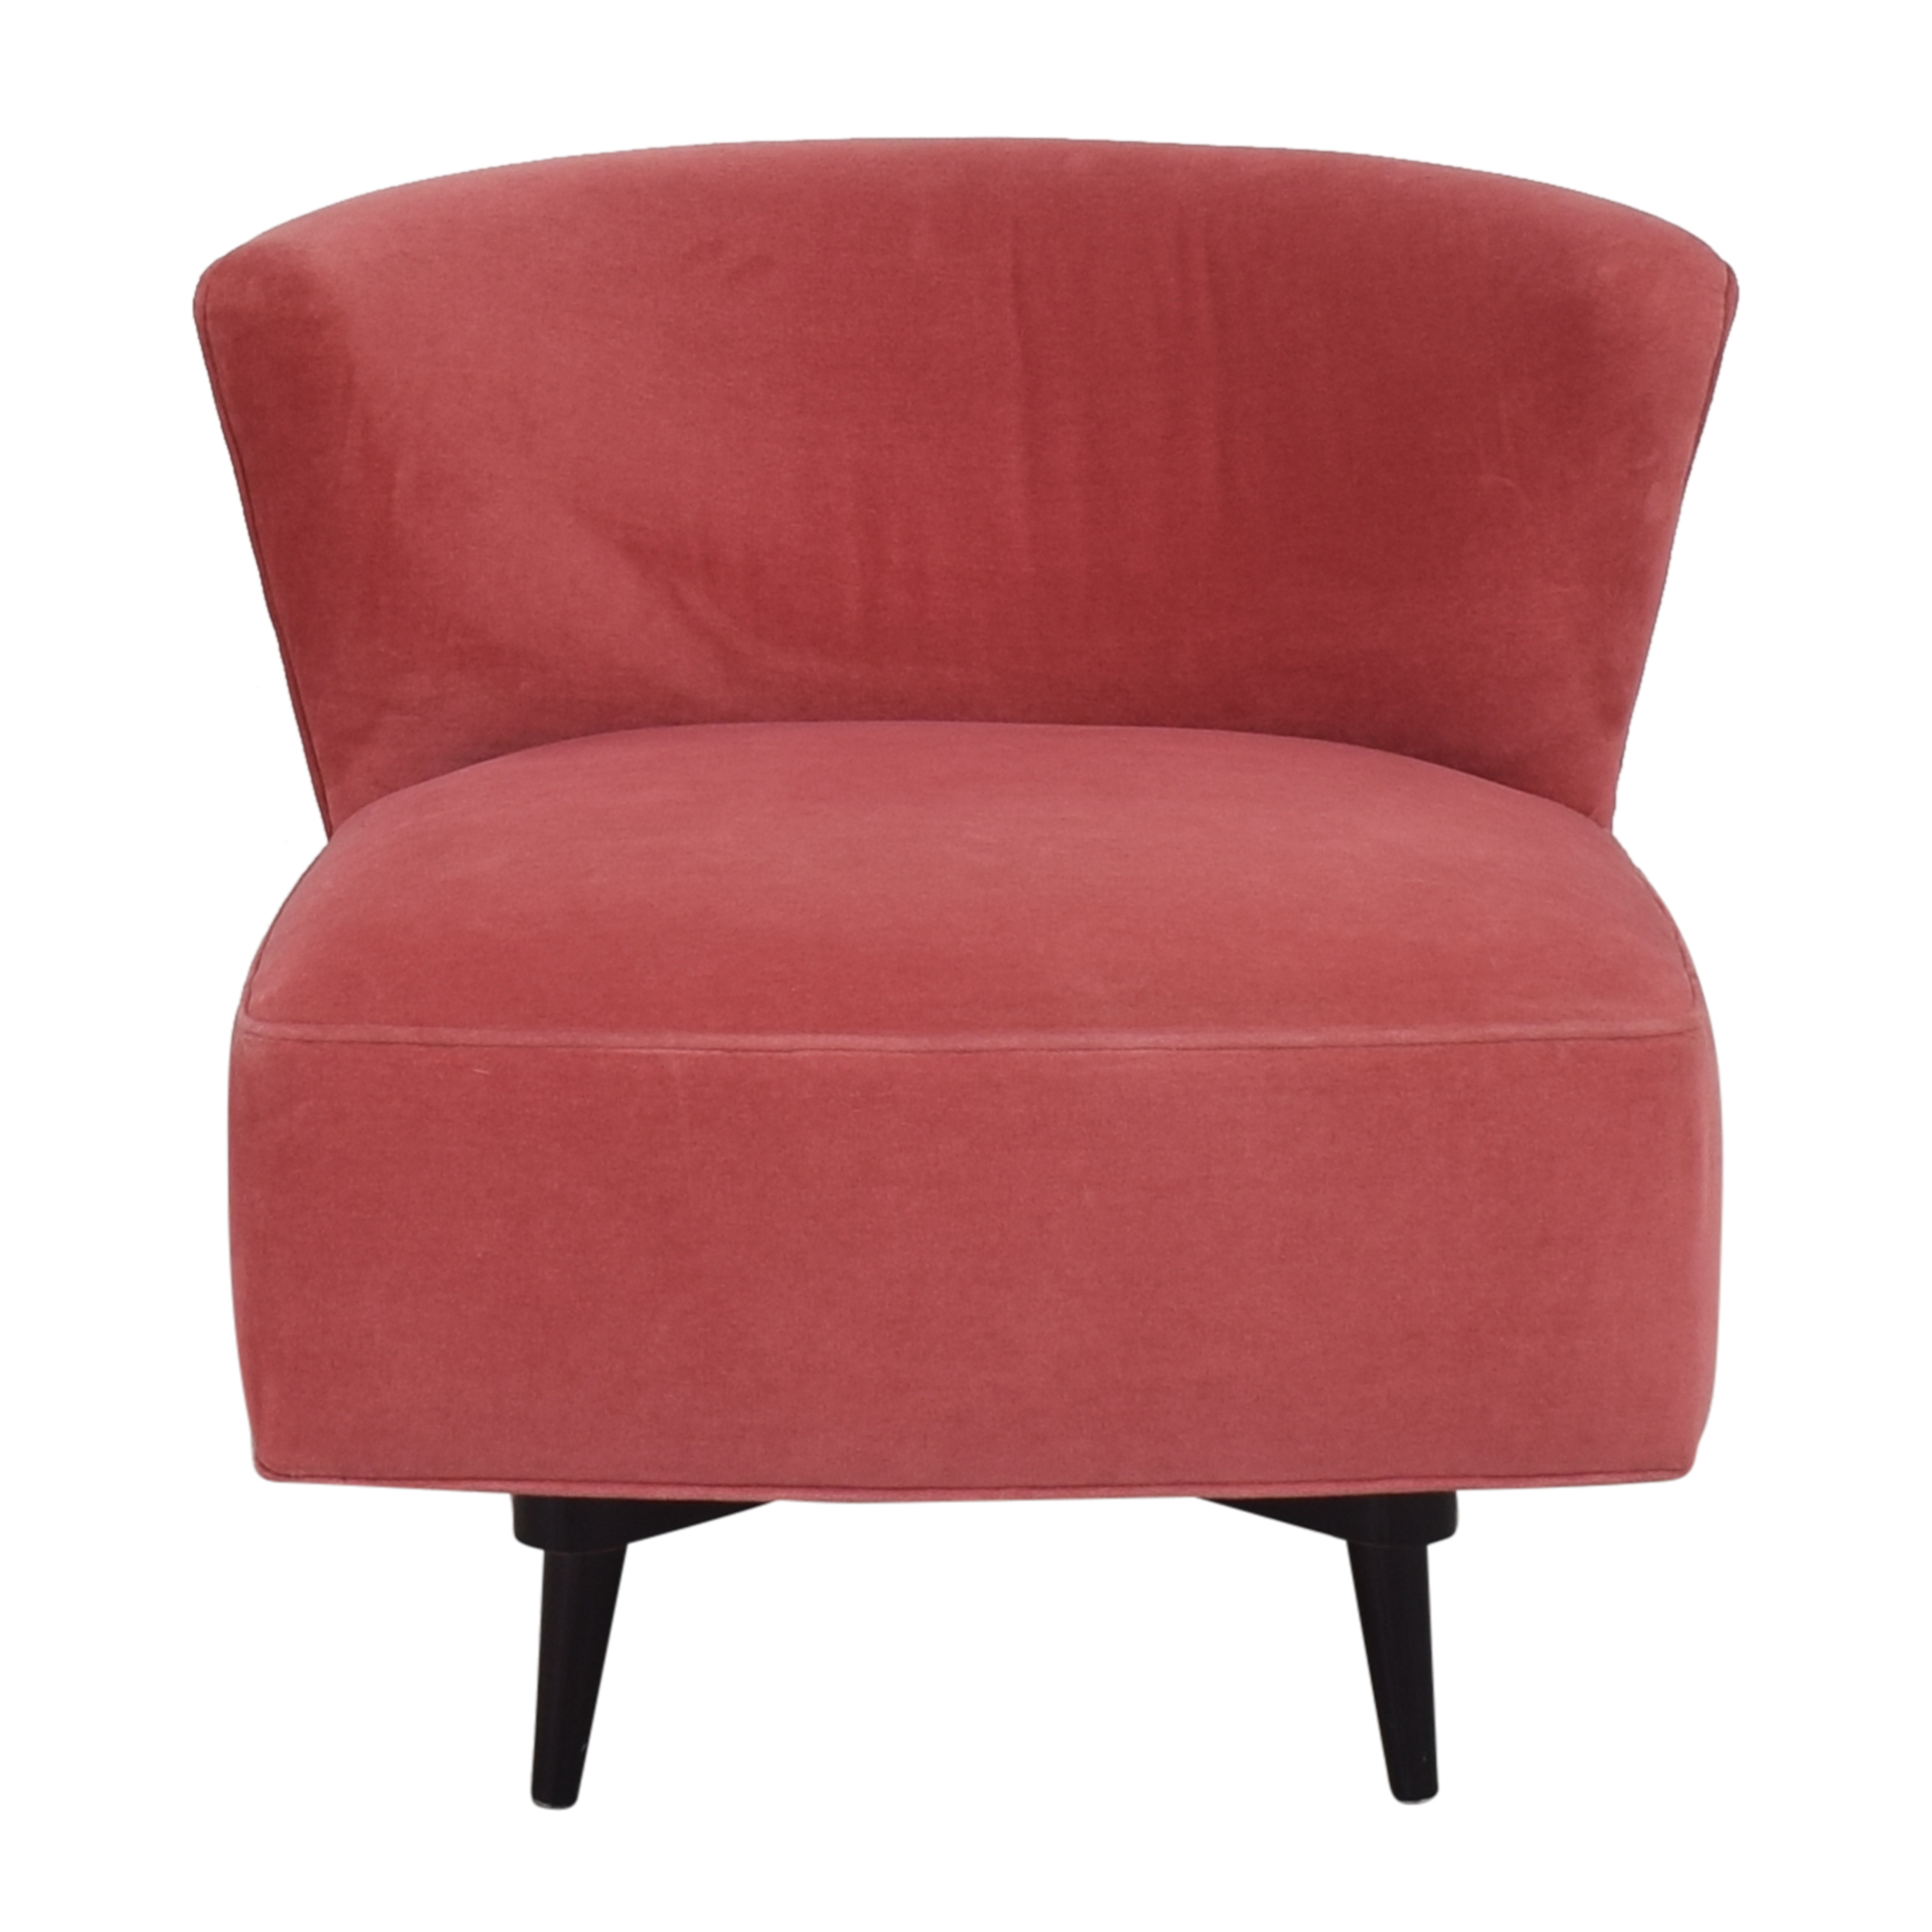 Room & Board Swivel Chair / Chairs